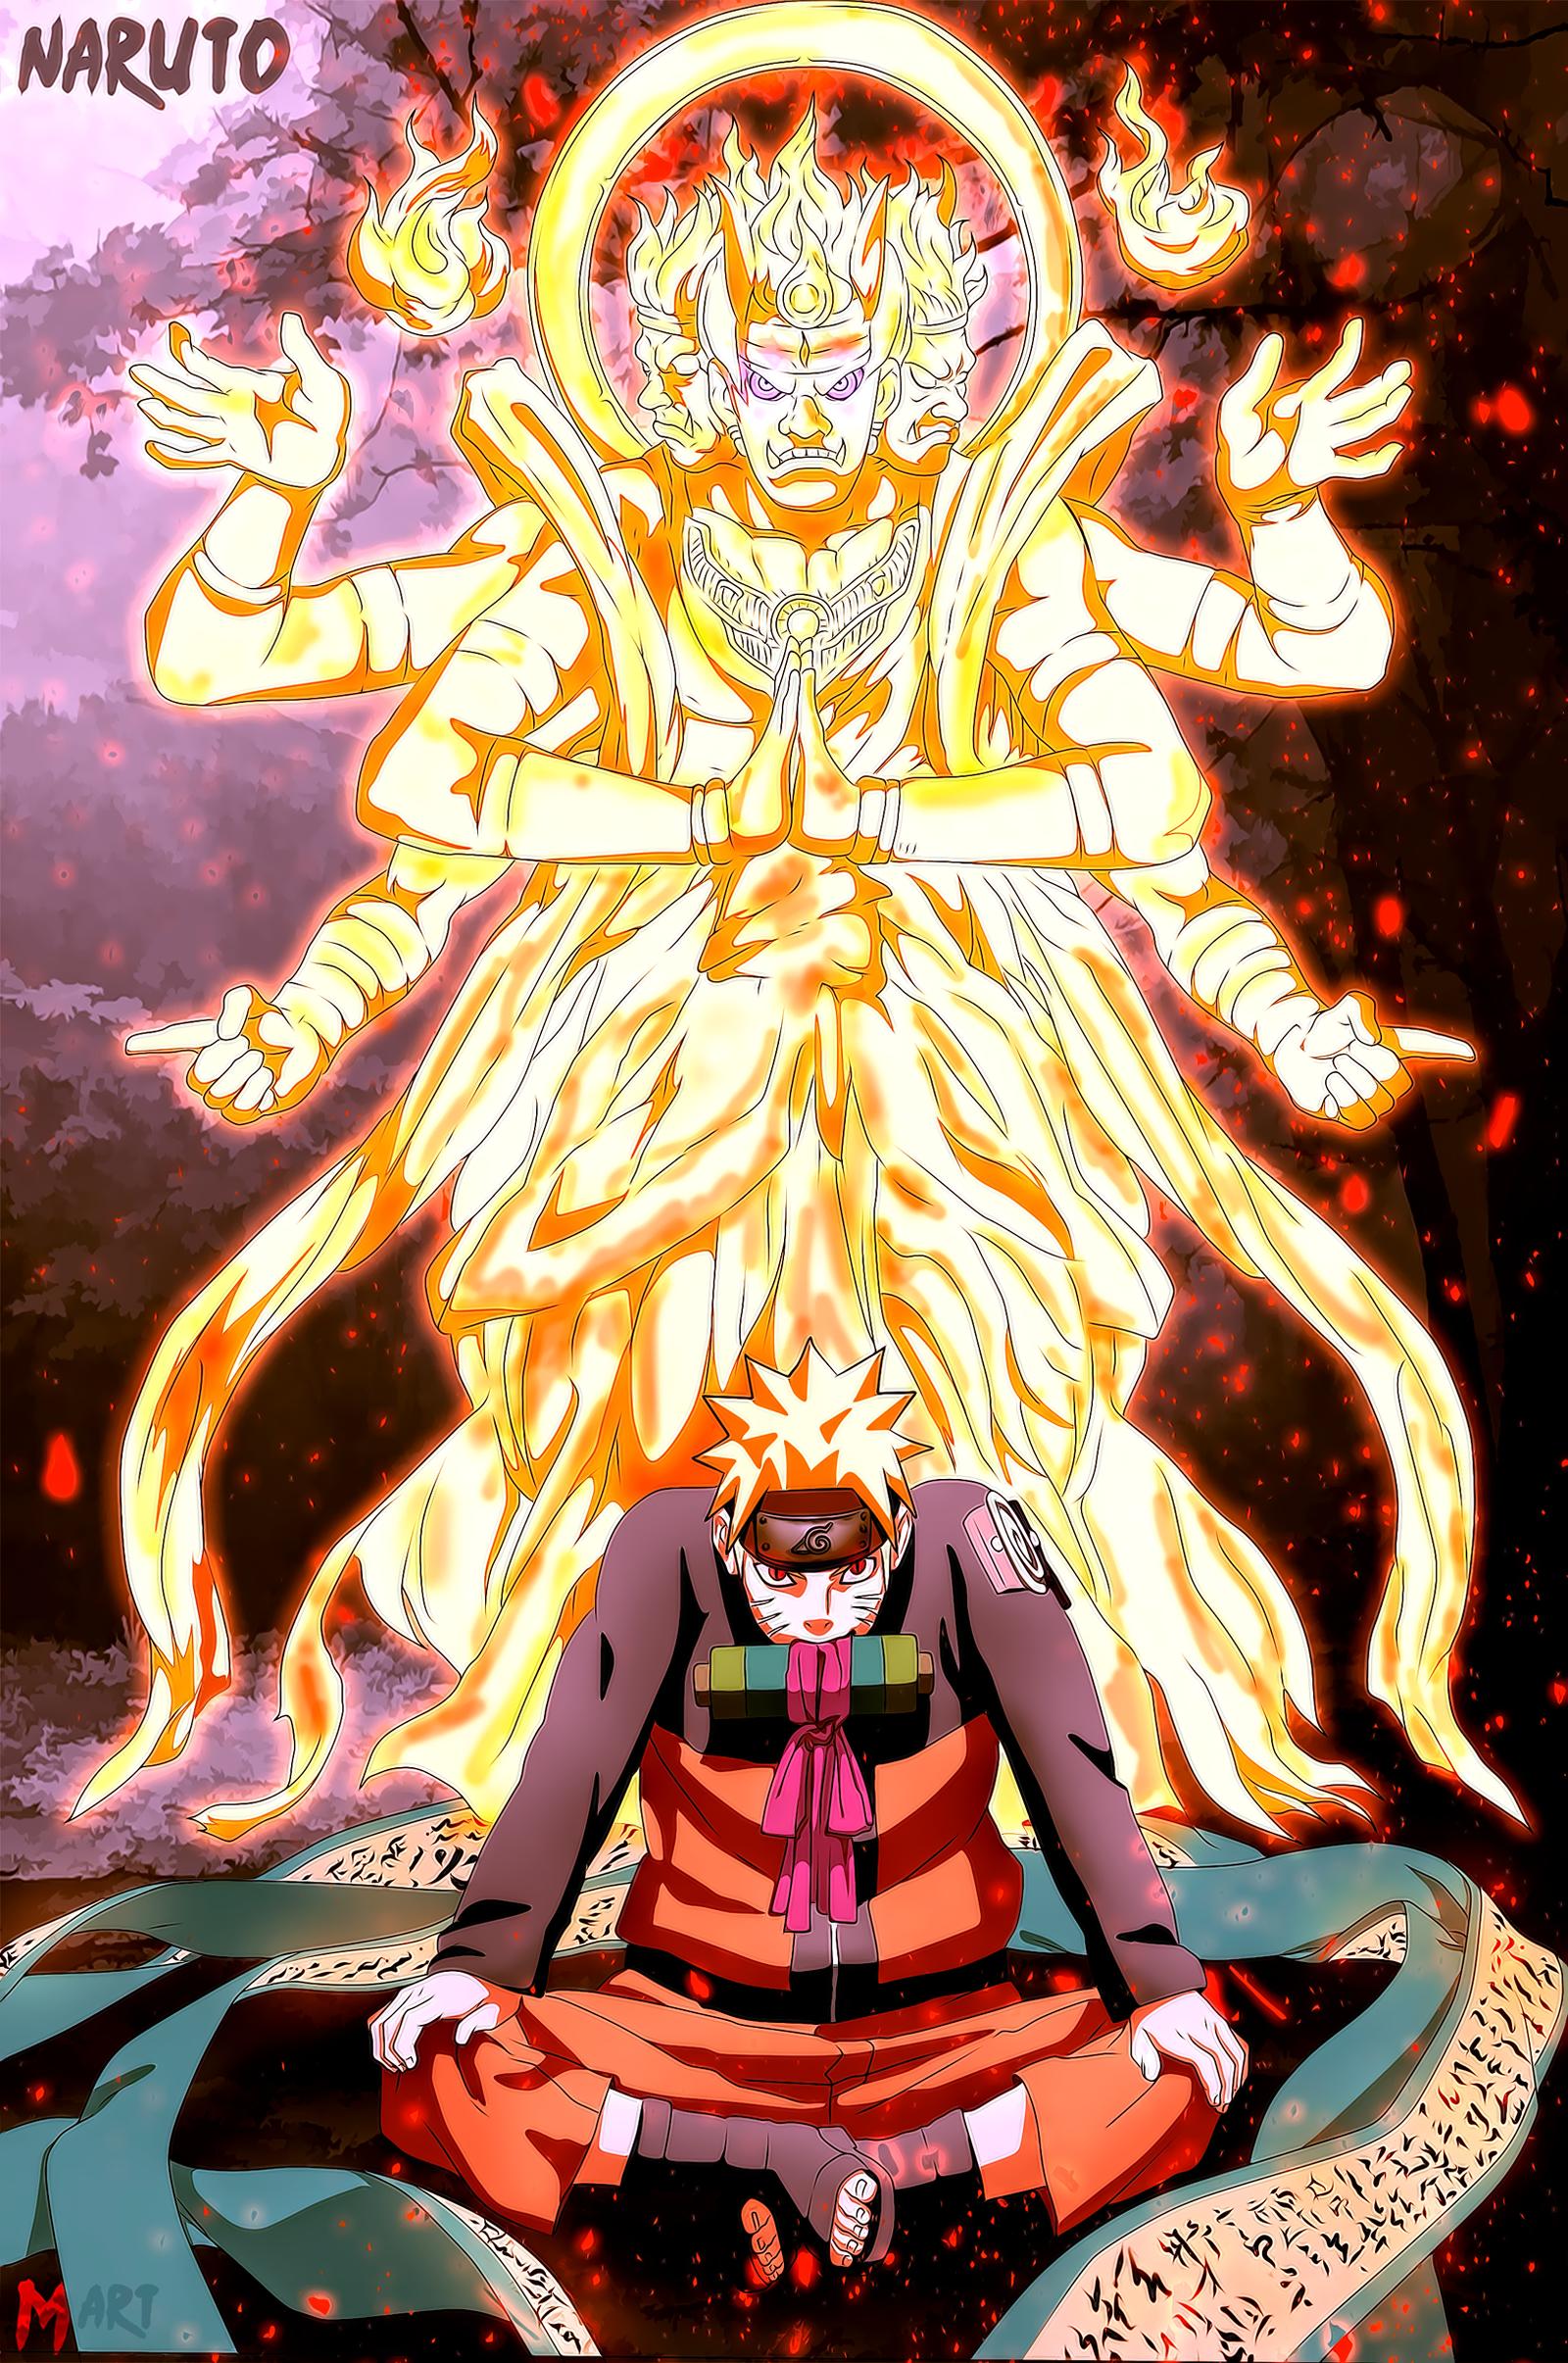 Chakra Naruto